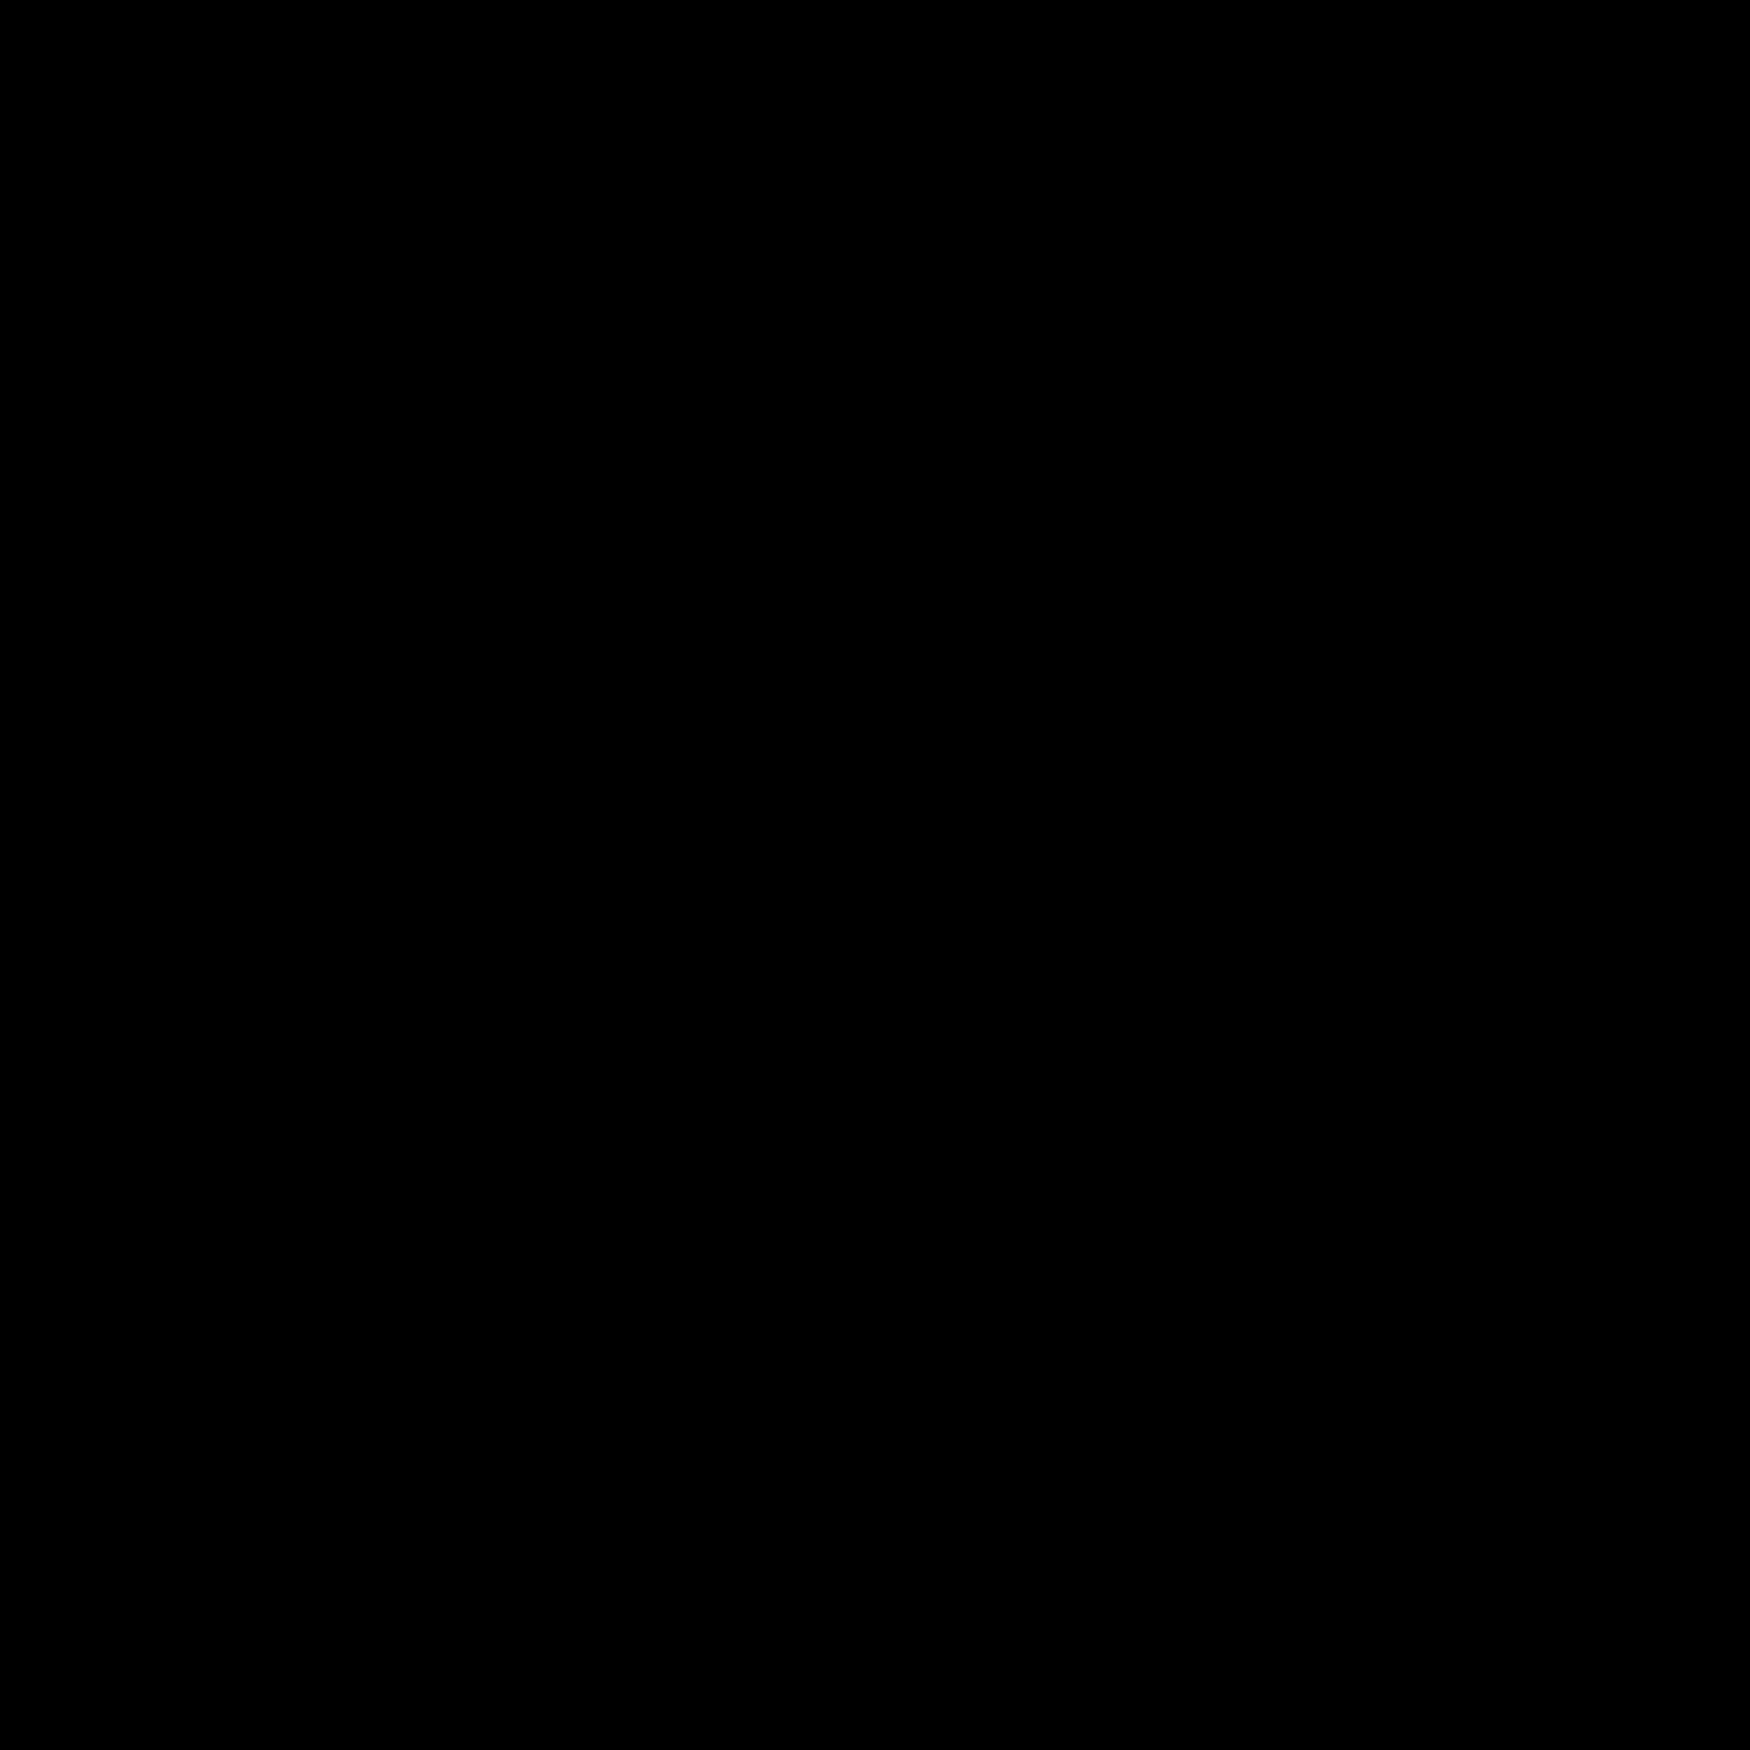 Roda-meios e Cantos – Vários Modelos